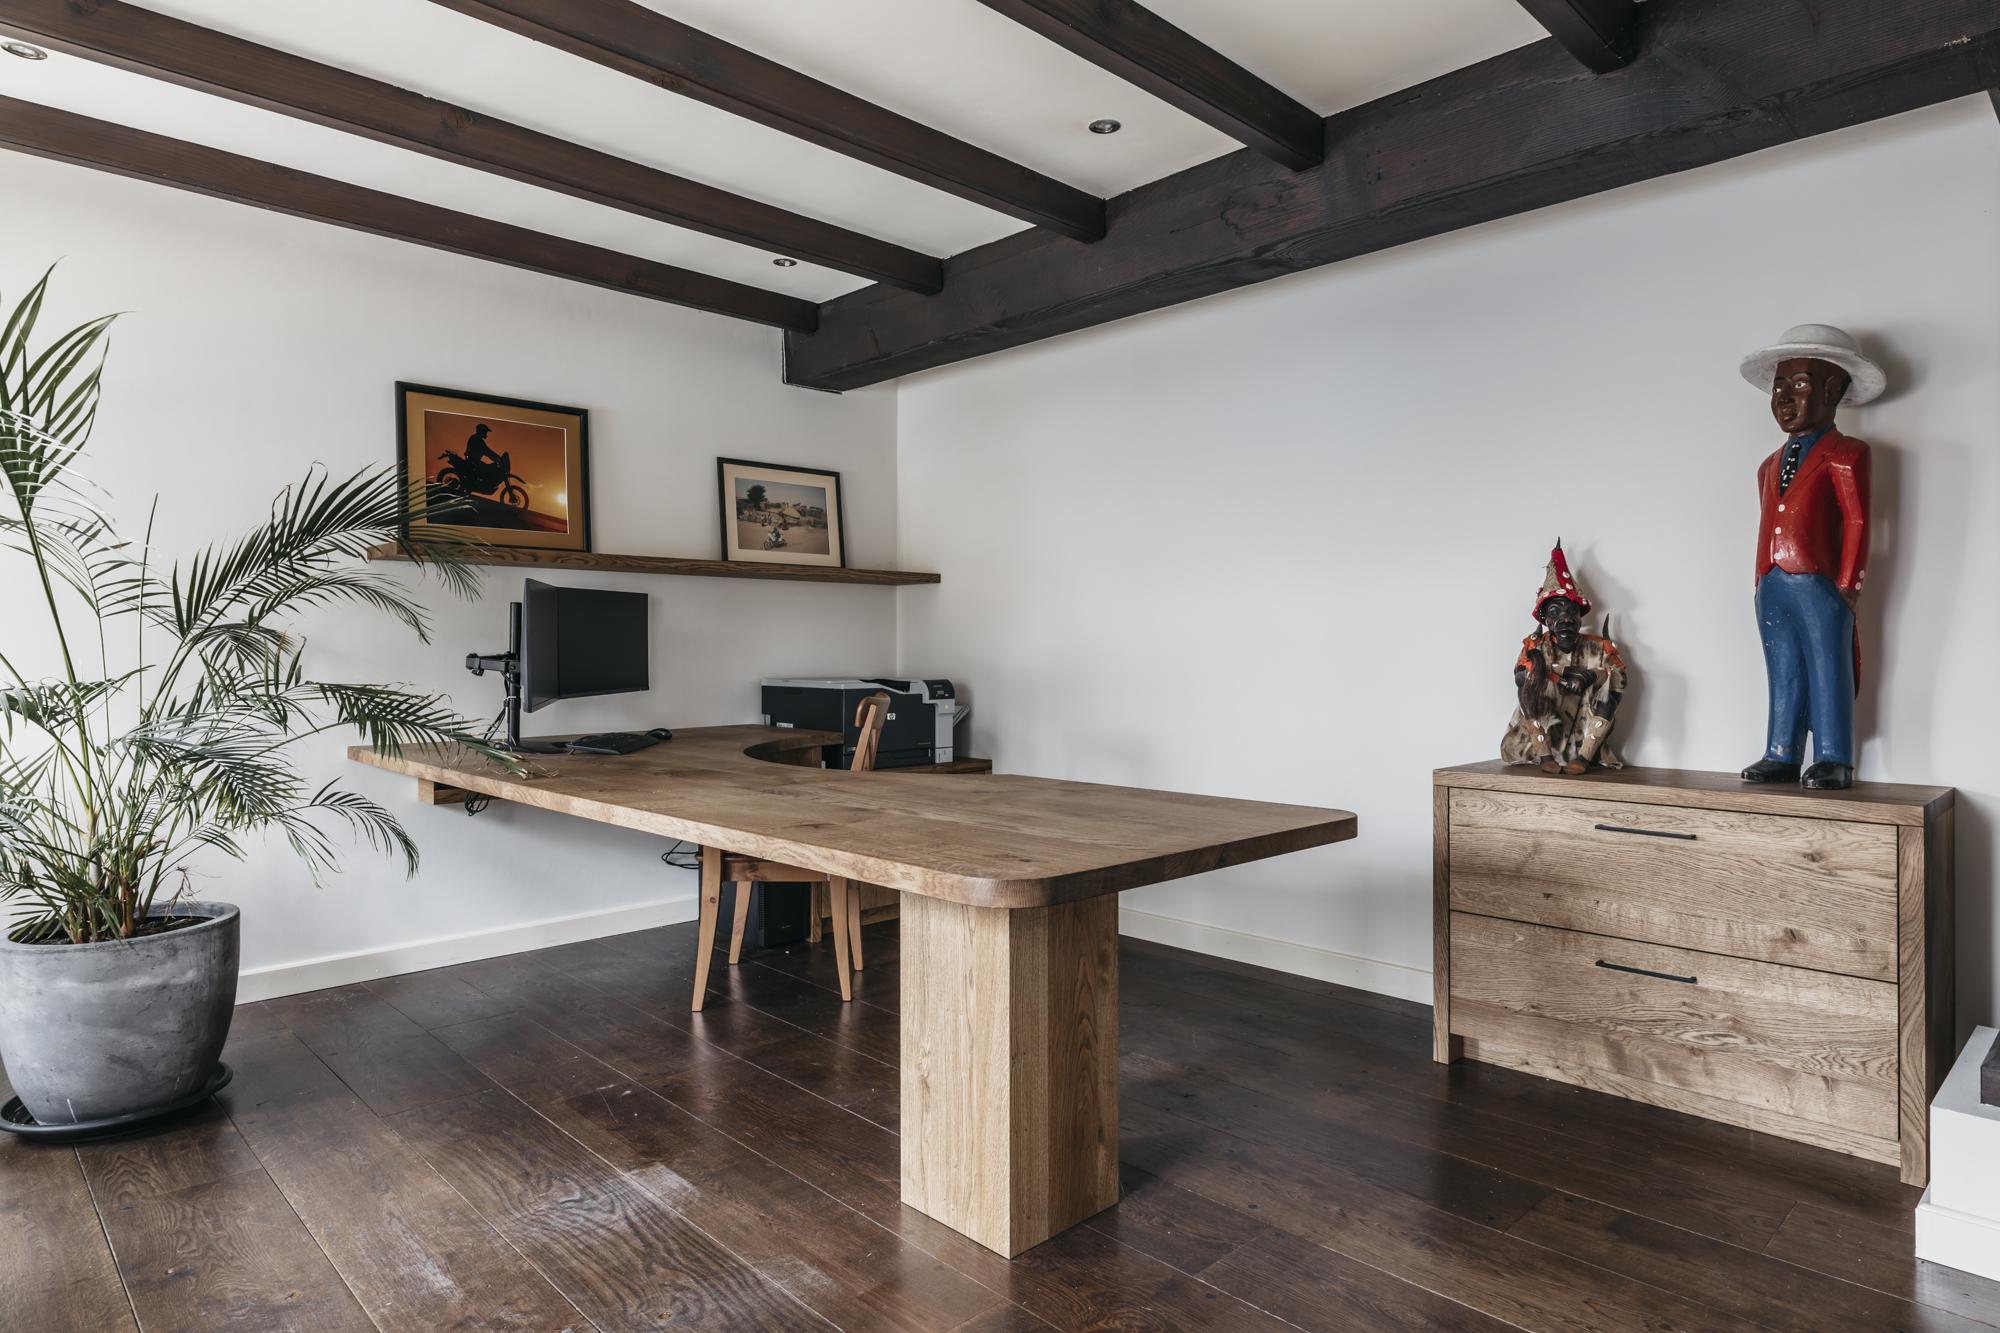 Bureau en ladekast van massief hout